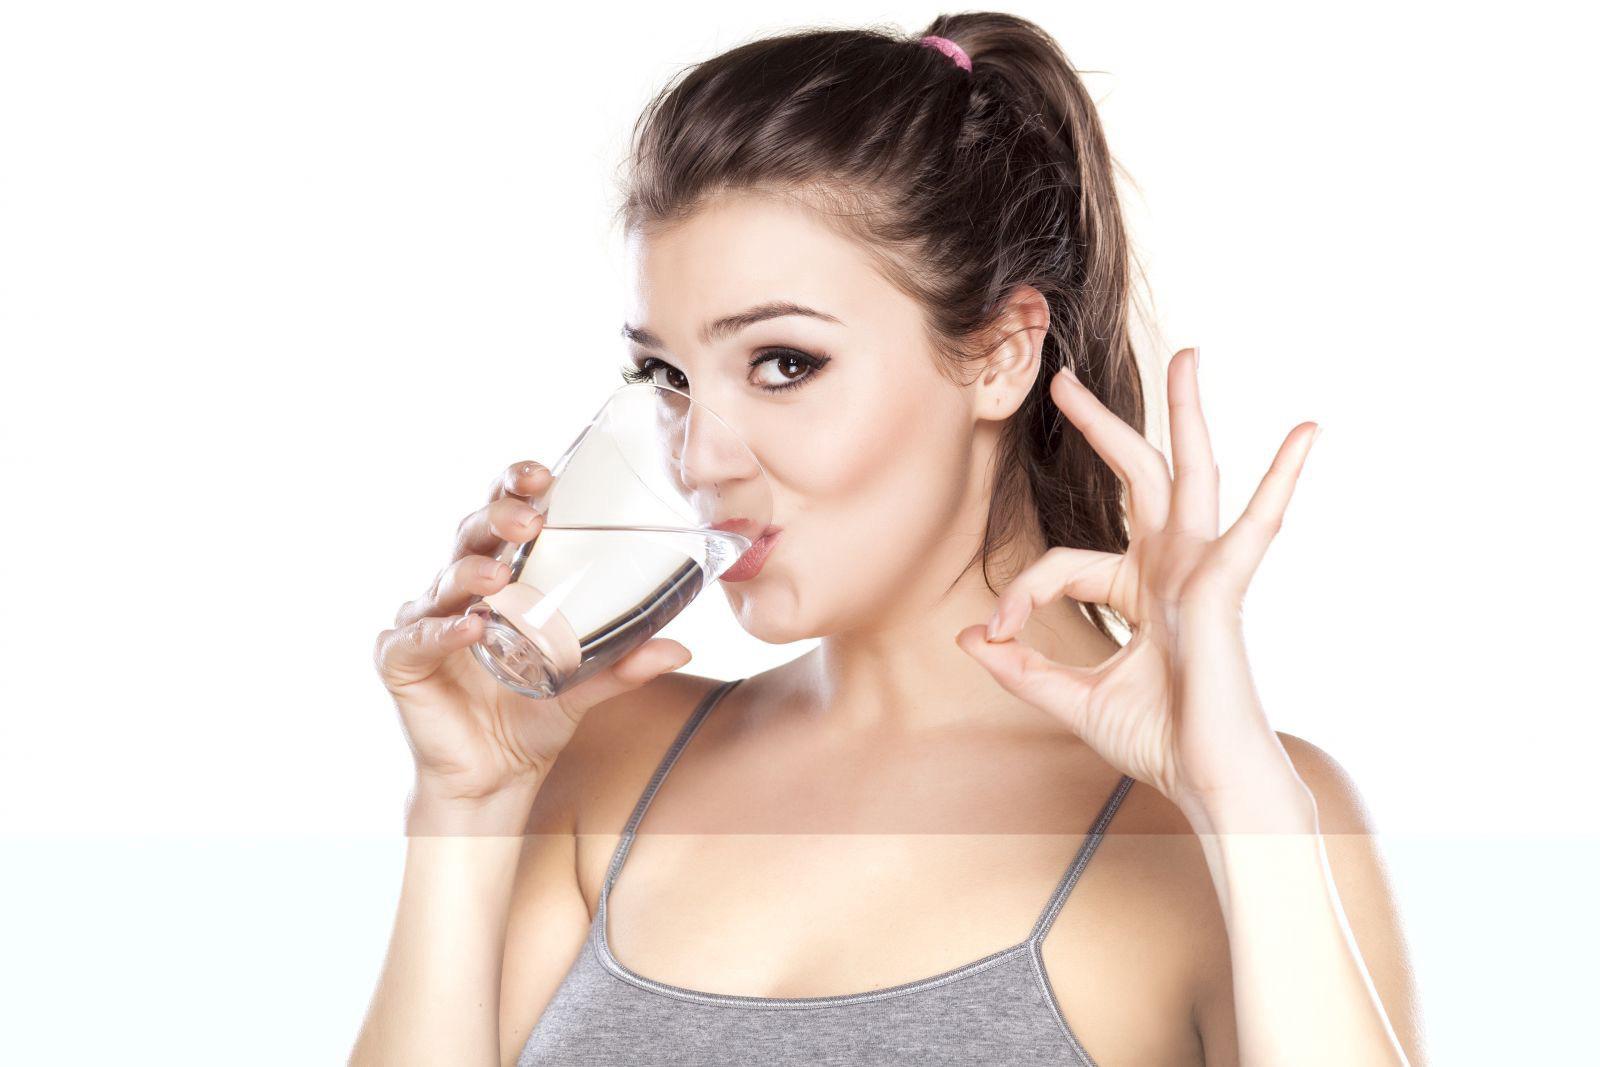 Bí quyết uống nước giảm cân trong 7 ngày: Tại sao có người giảm được, có người phát phì? - Ảnh 2.